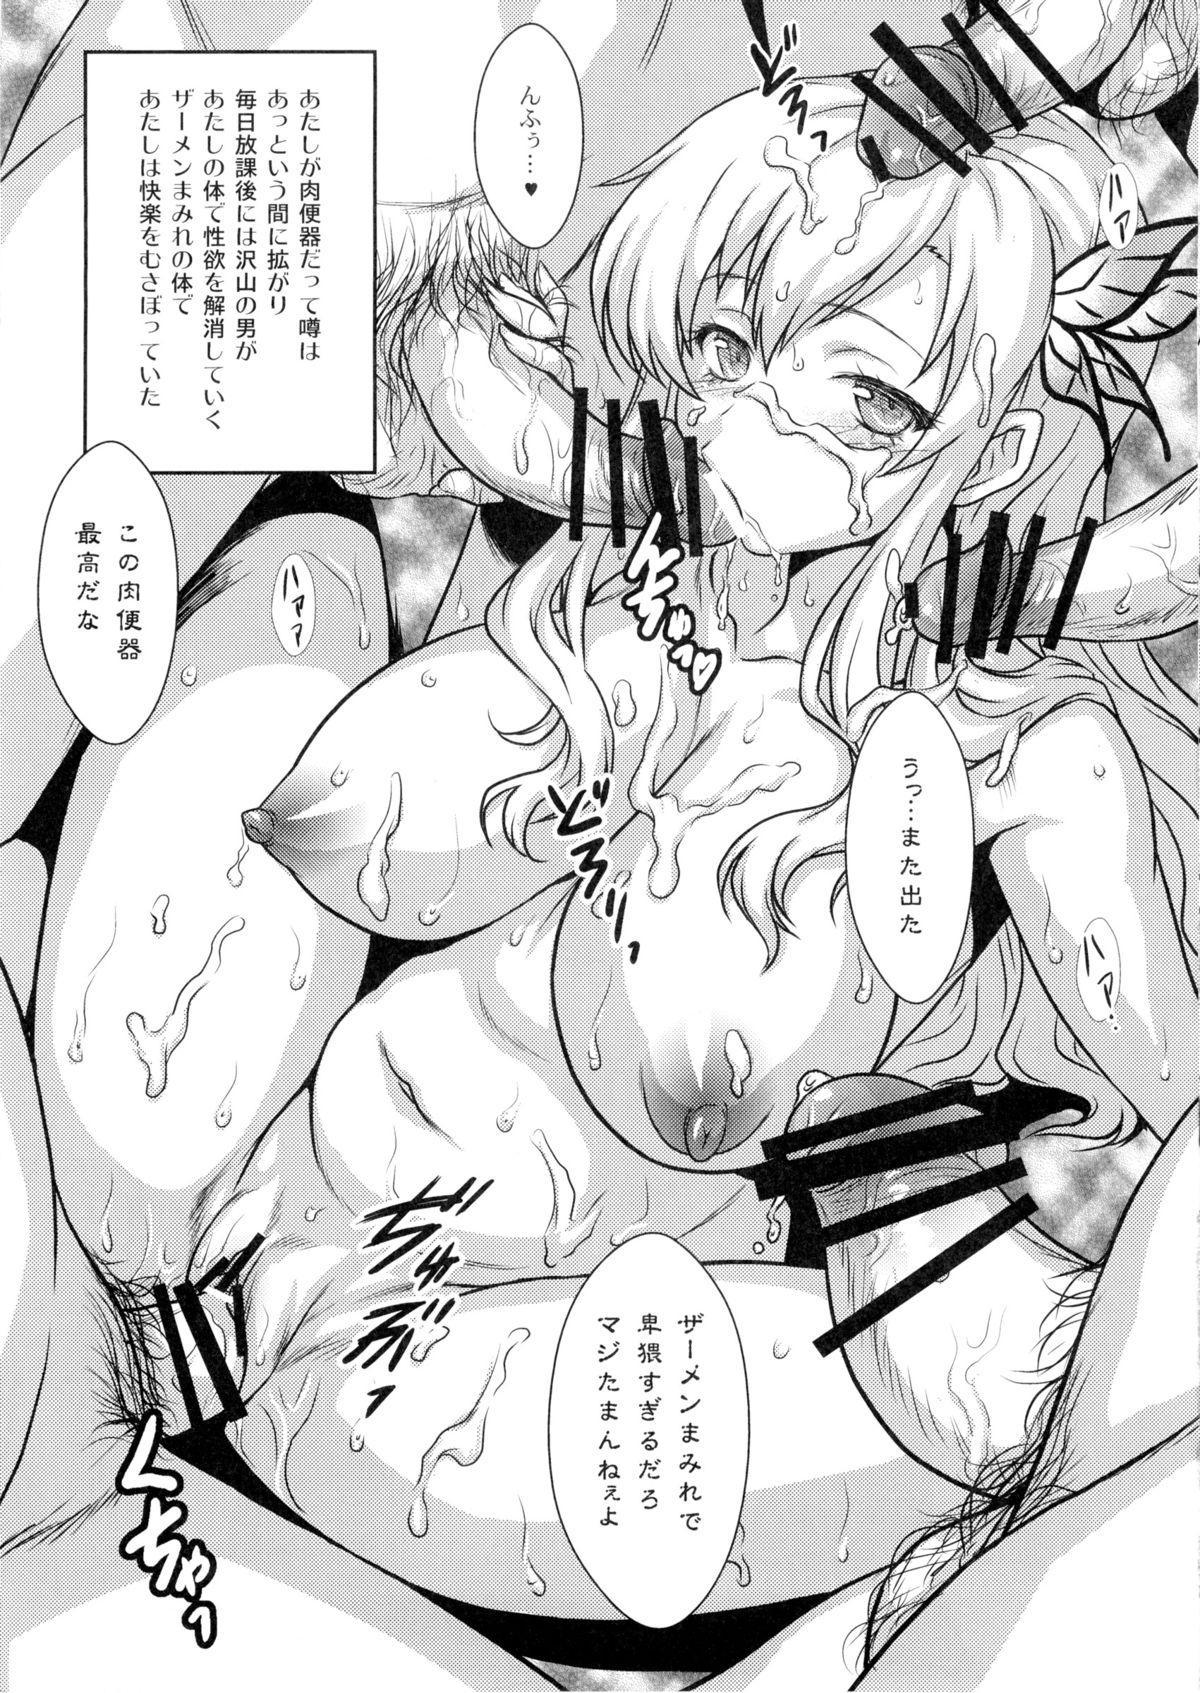 Yorokobi no Kuni vol.16 Niku Niku Nikubenki 12